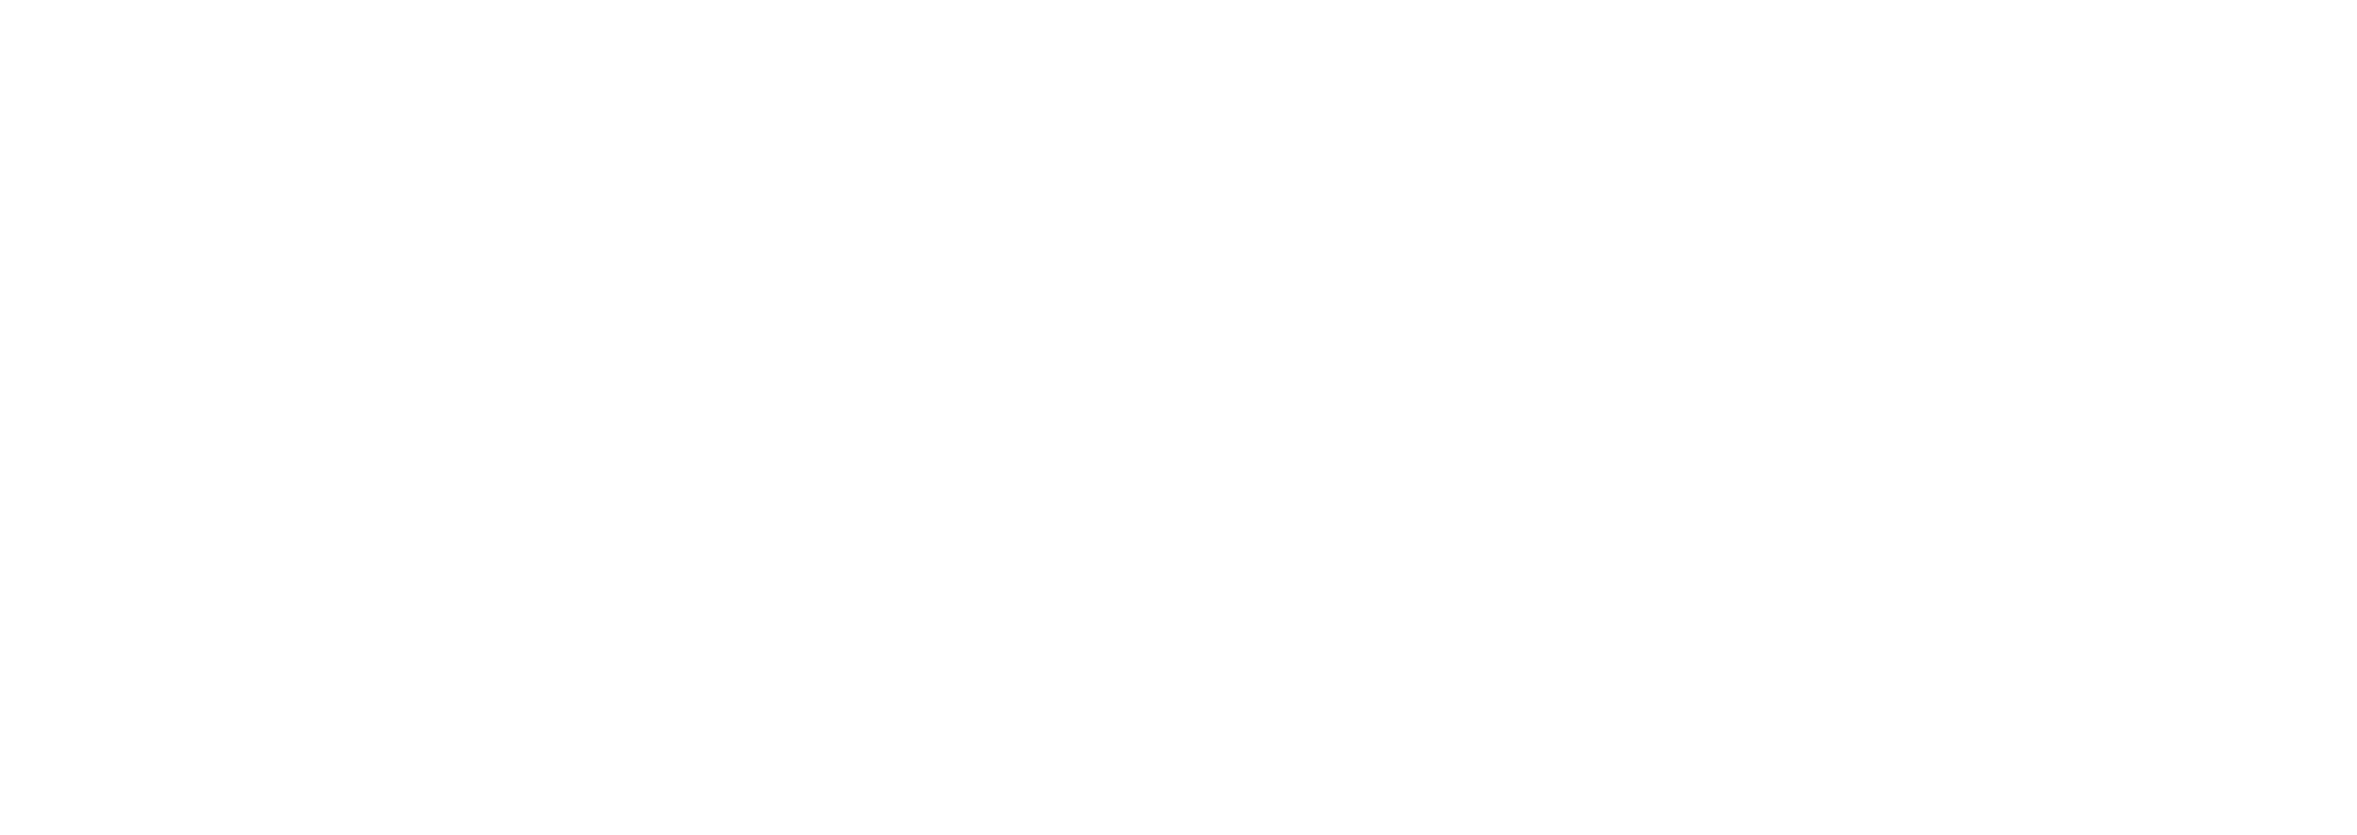 Lignum Vitae Realty, LLC